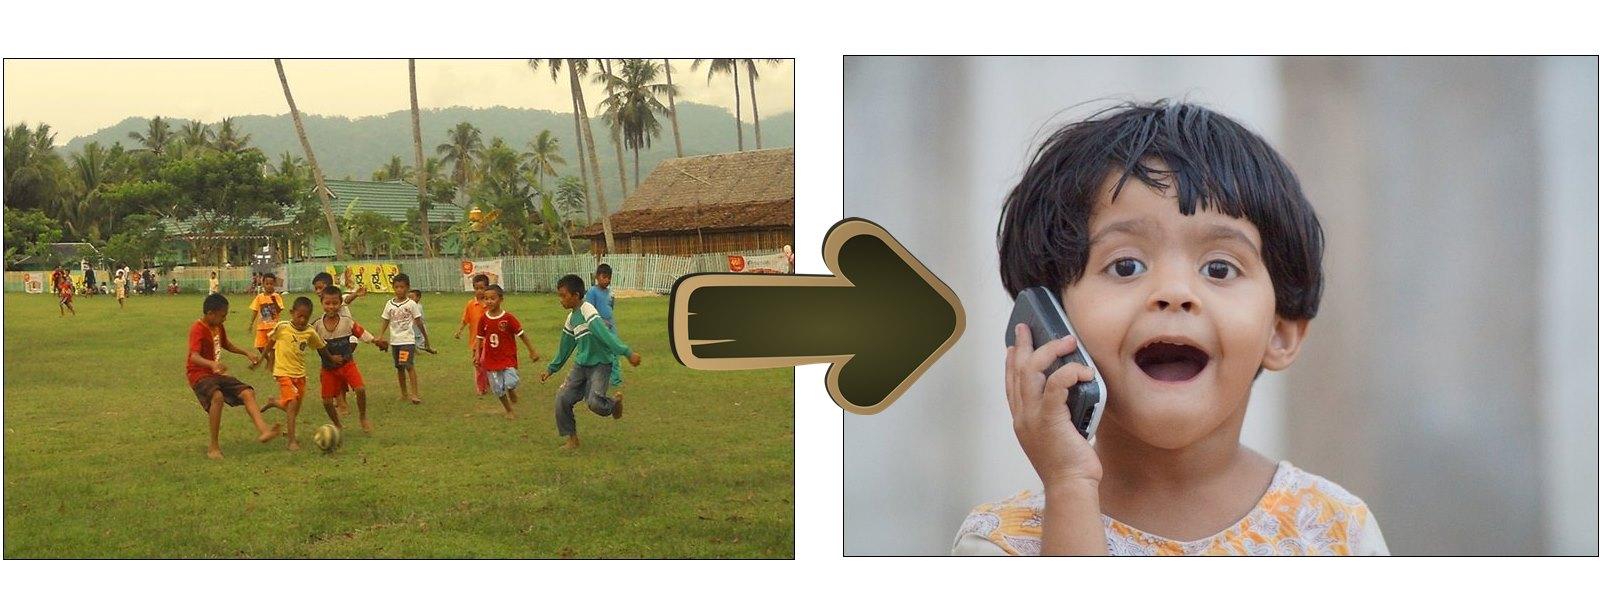 Zaman sudah berubah anak dulu suka main bola sekarang main handphone